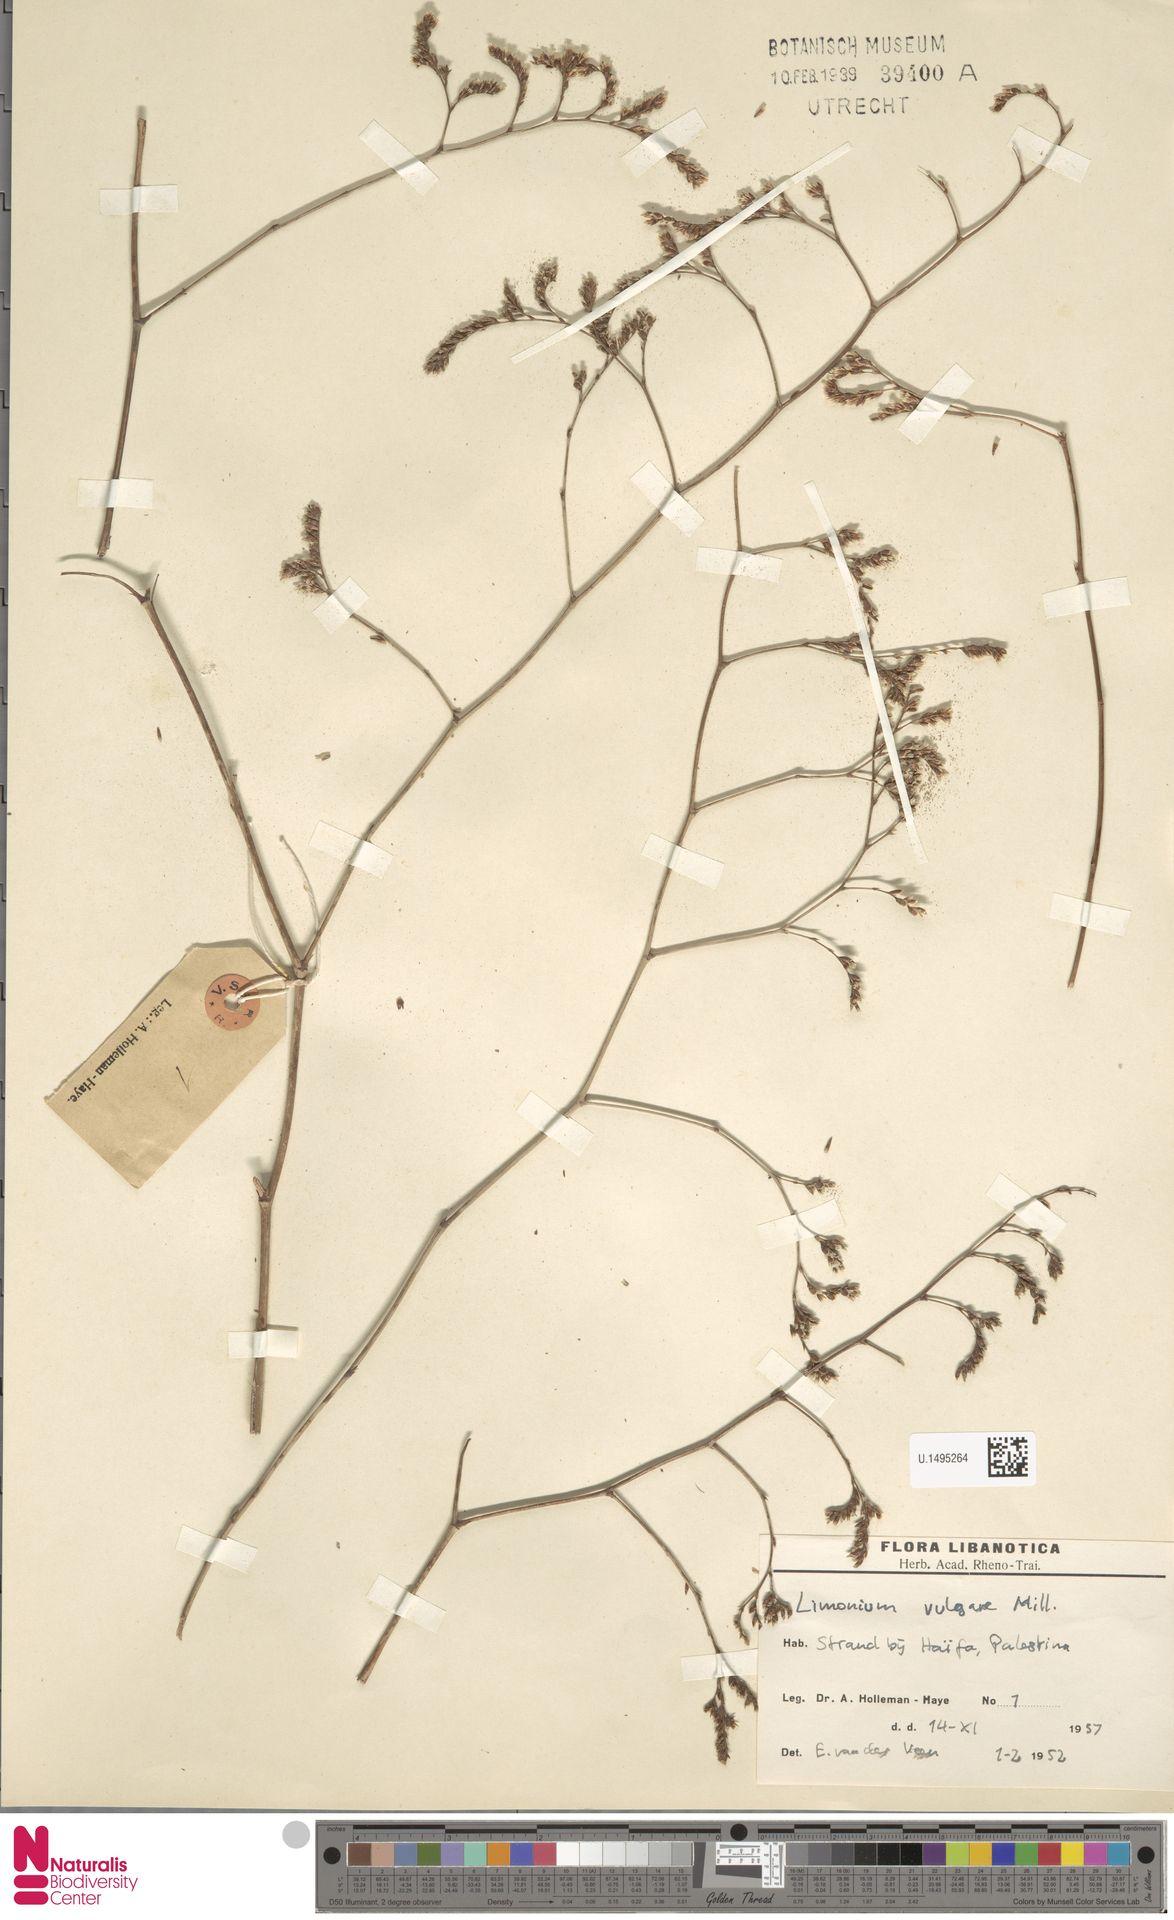 U.1495264 | Limonium vulgare Mill.